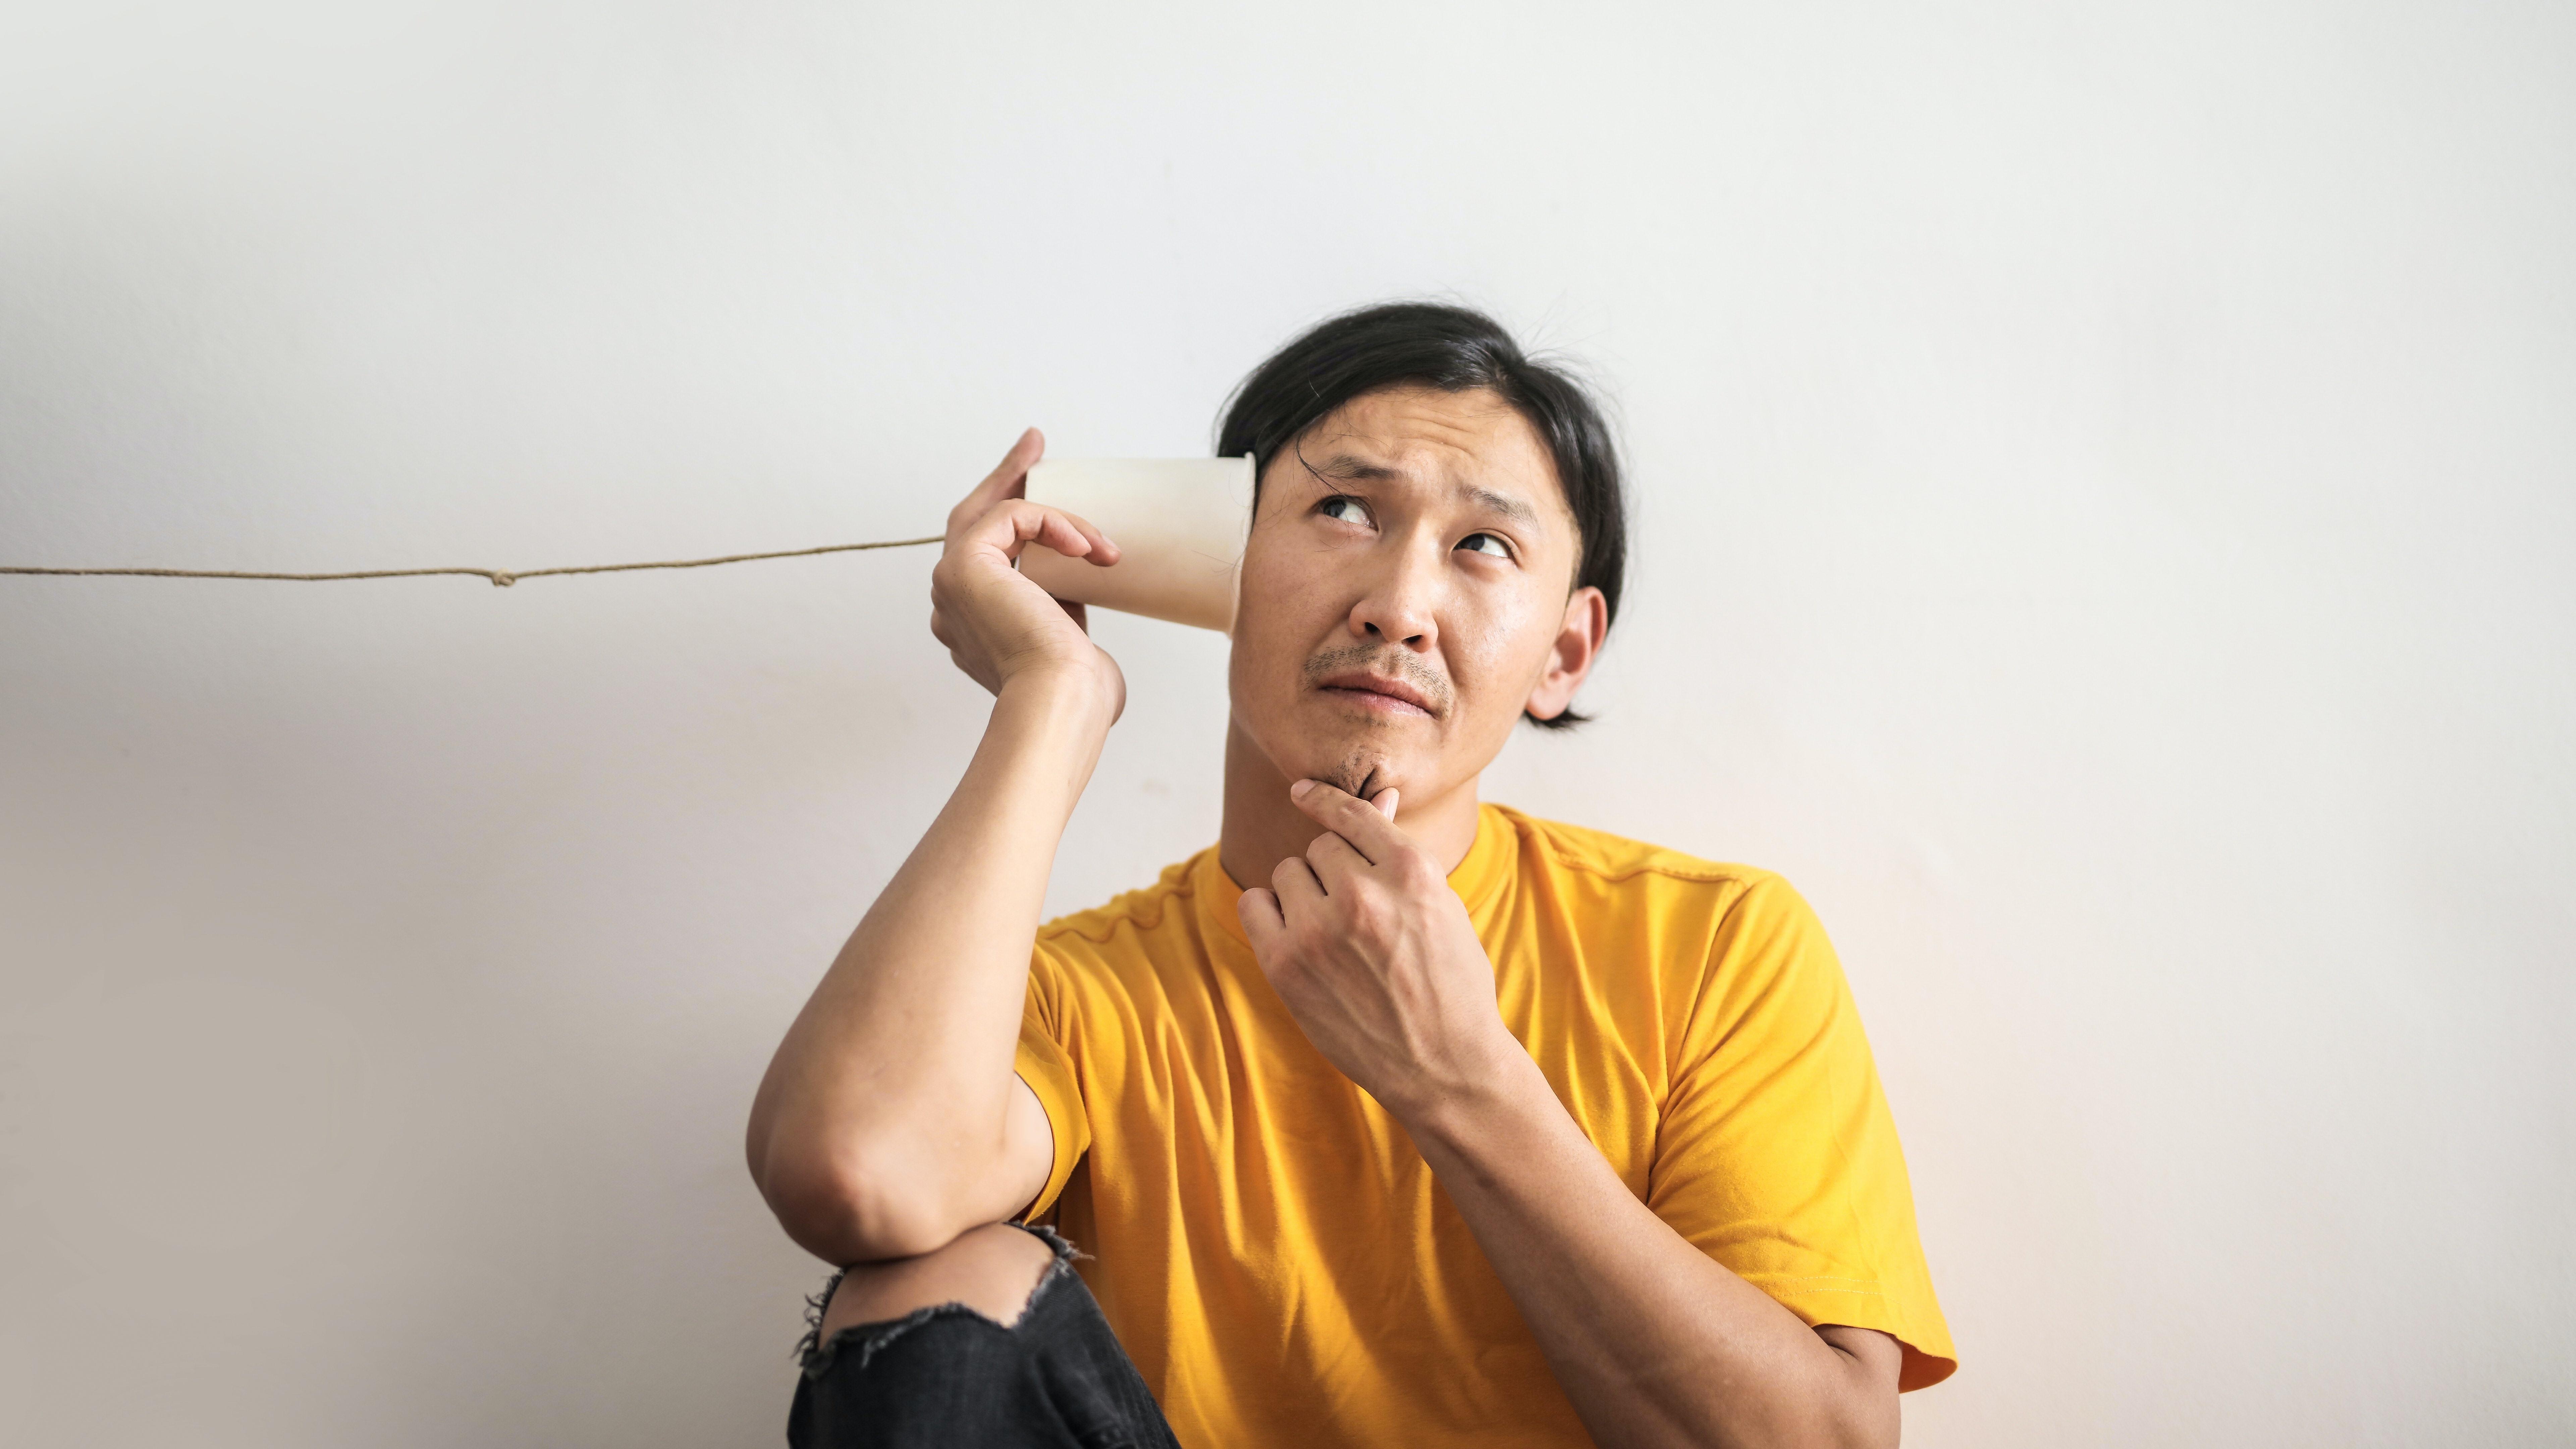 Knacken im Ohr: Ursachen und Behandlung